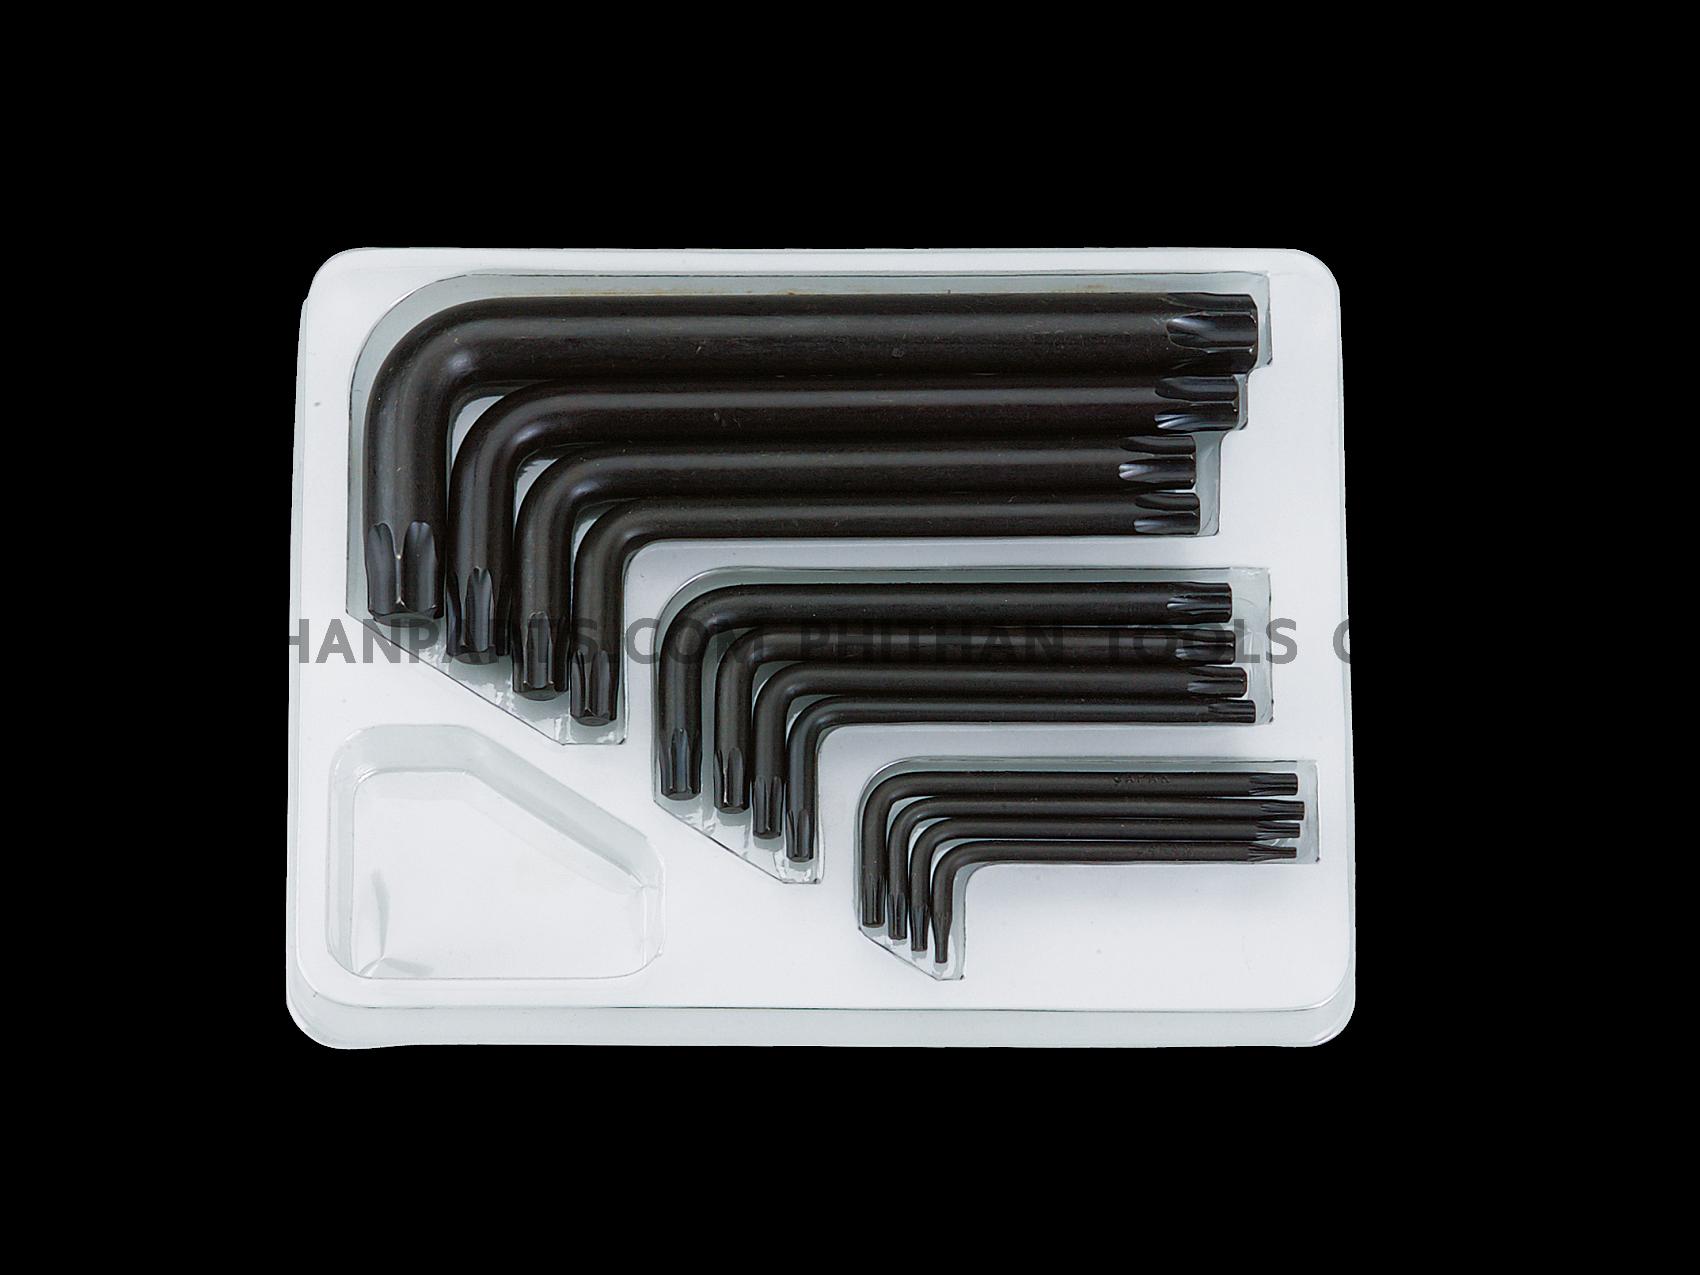 ประแจ  ดอกจีบ สีดำ 12 ชิ้น/ชุด LTX12